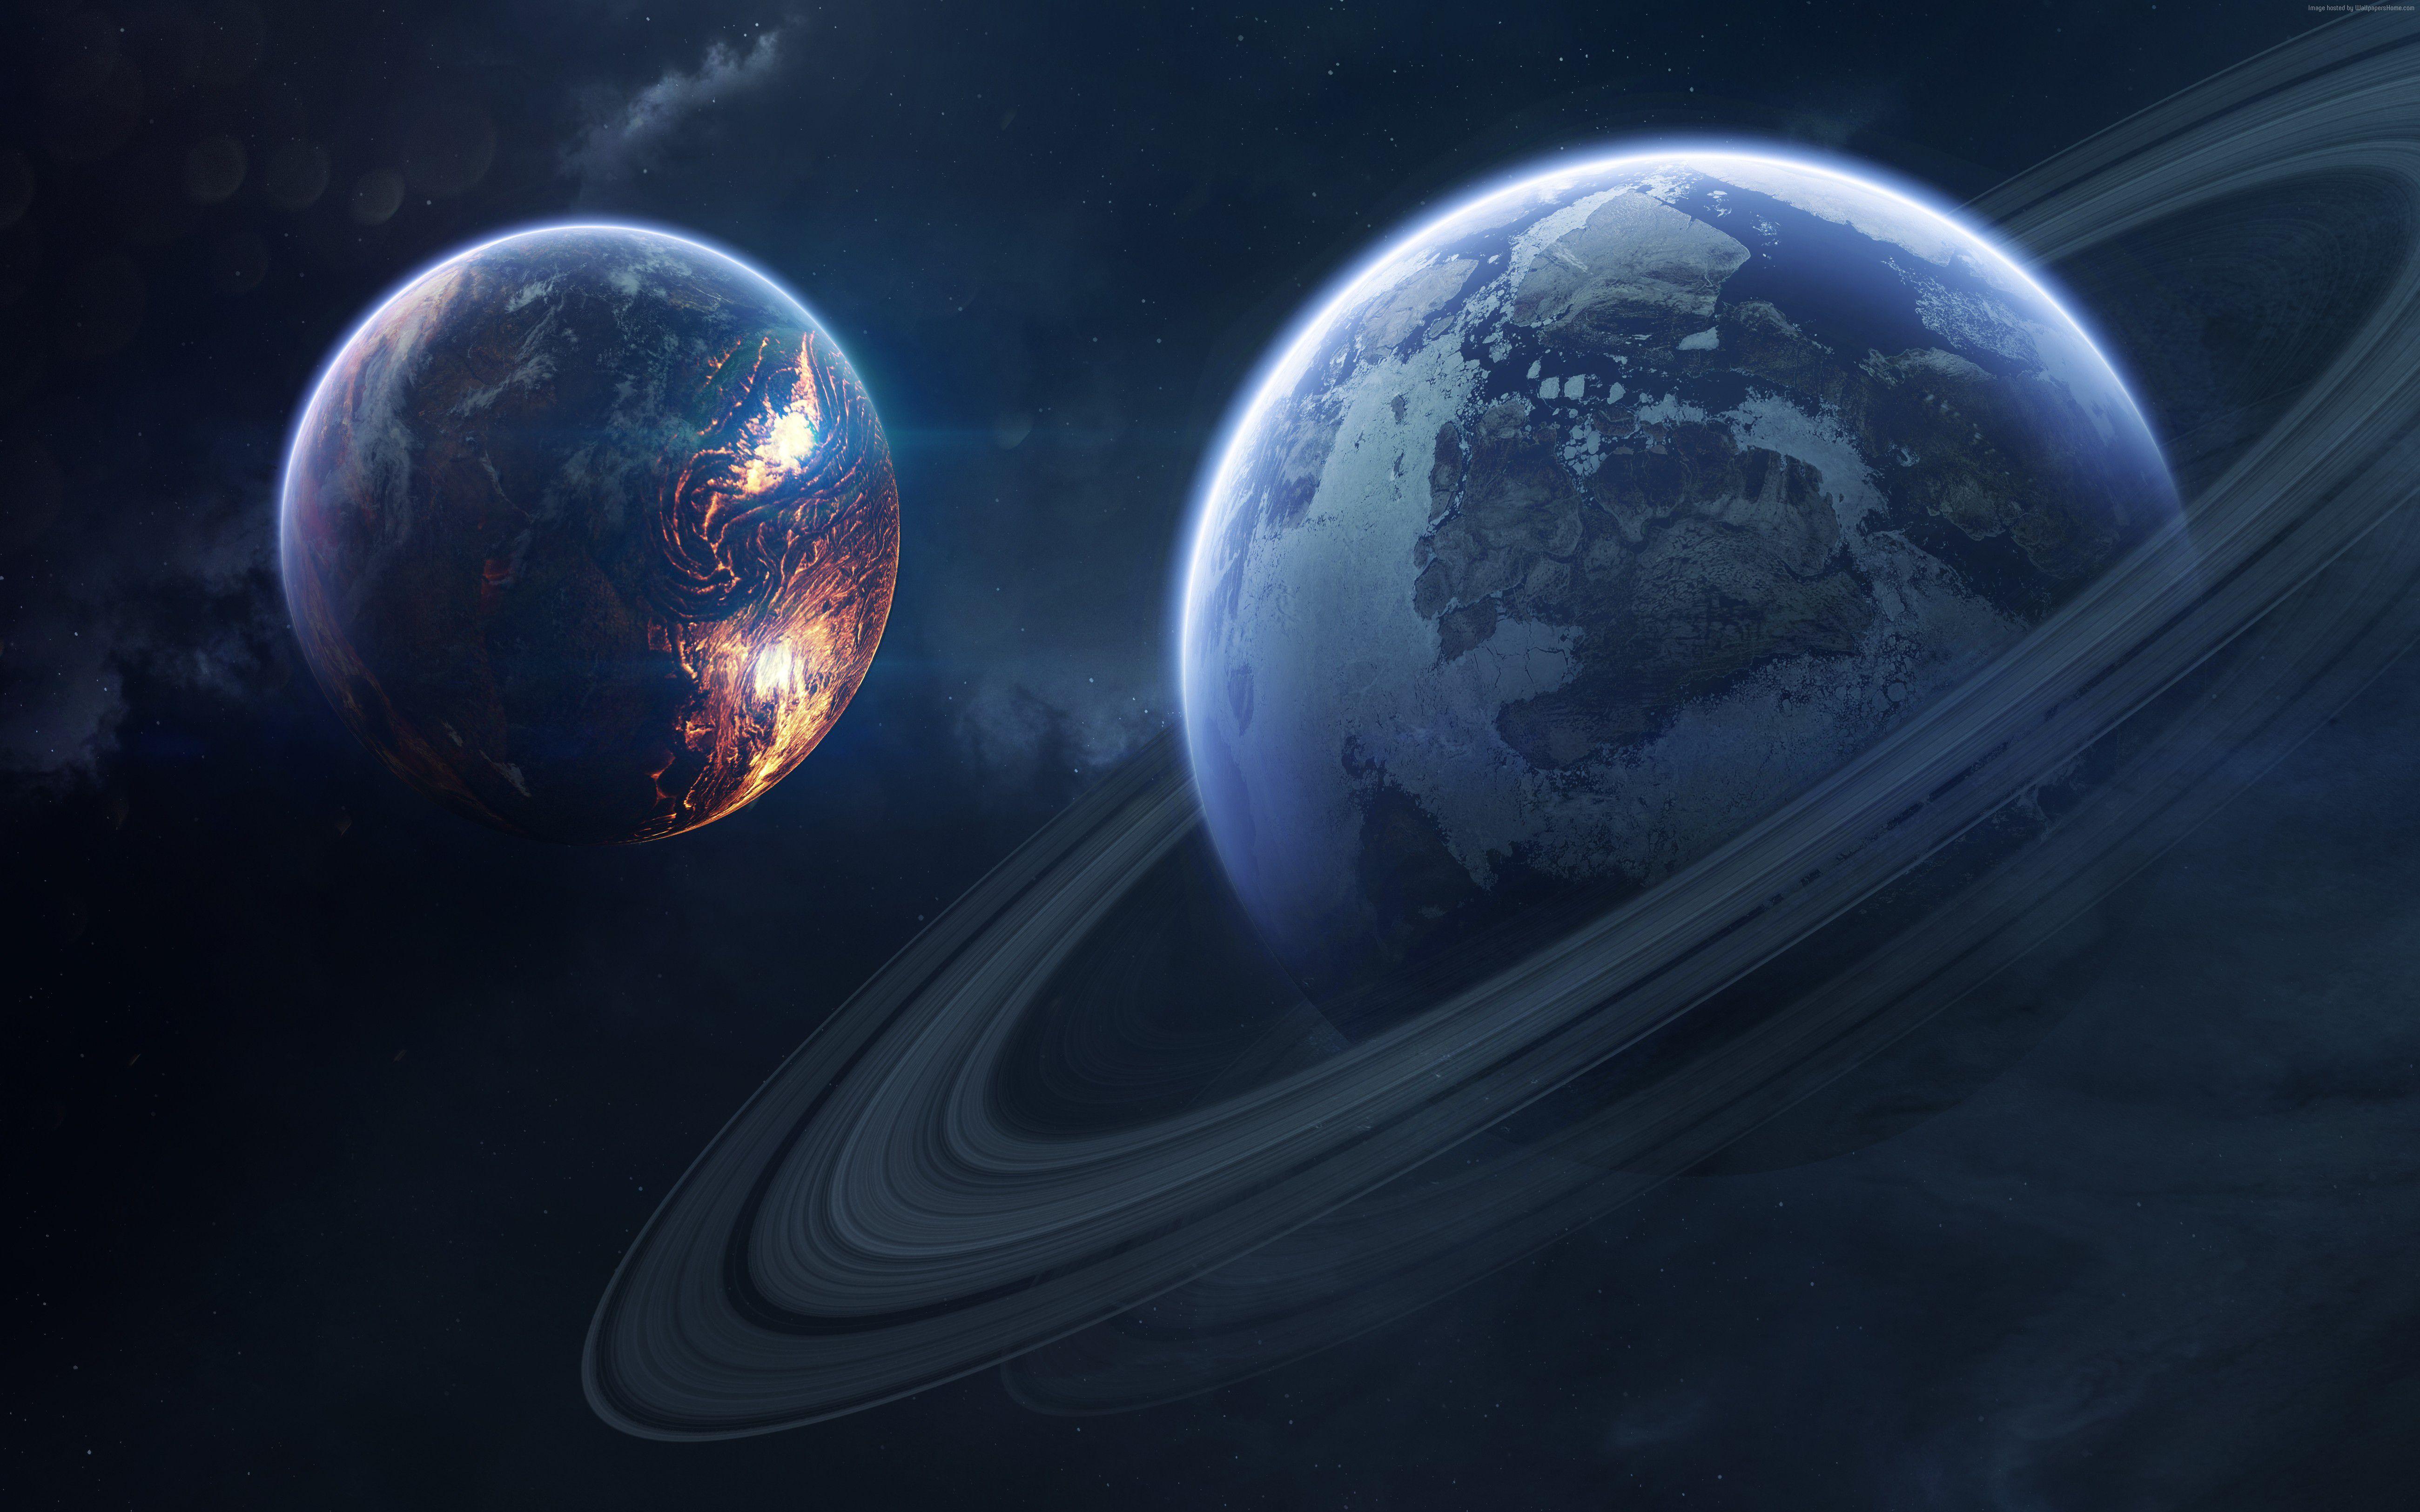 planet saturn rings - HD2880×1800